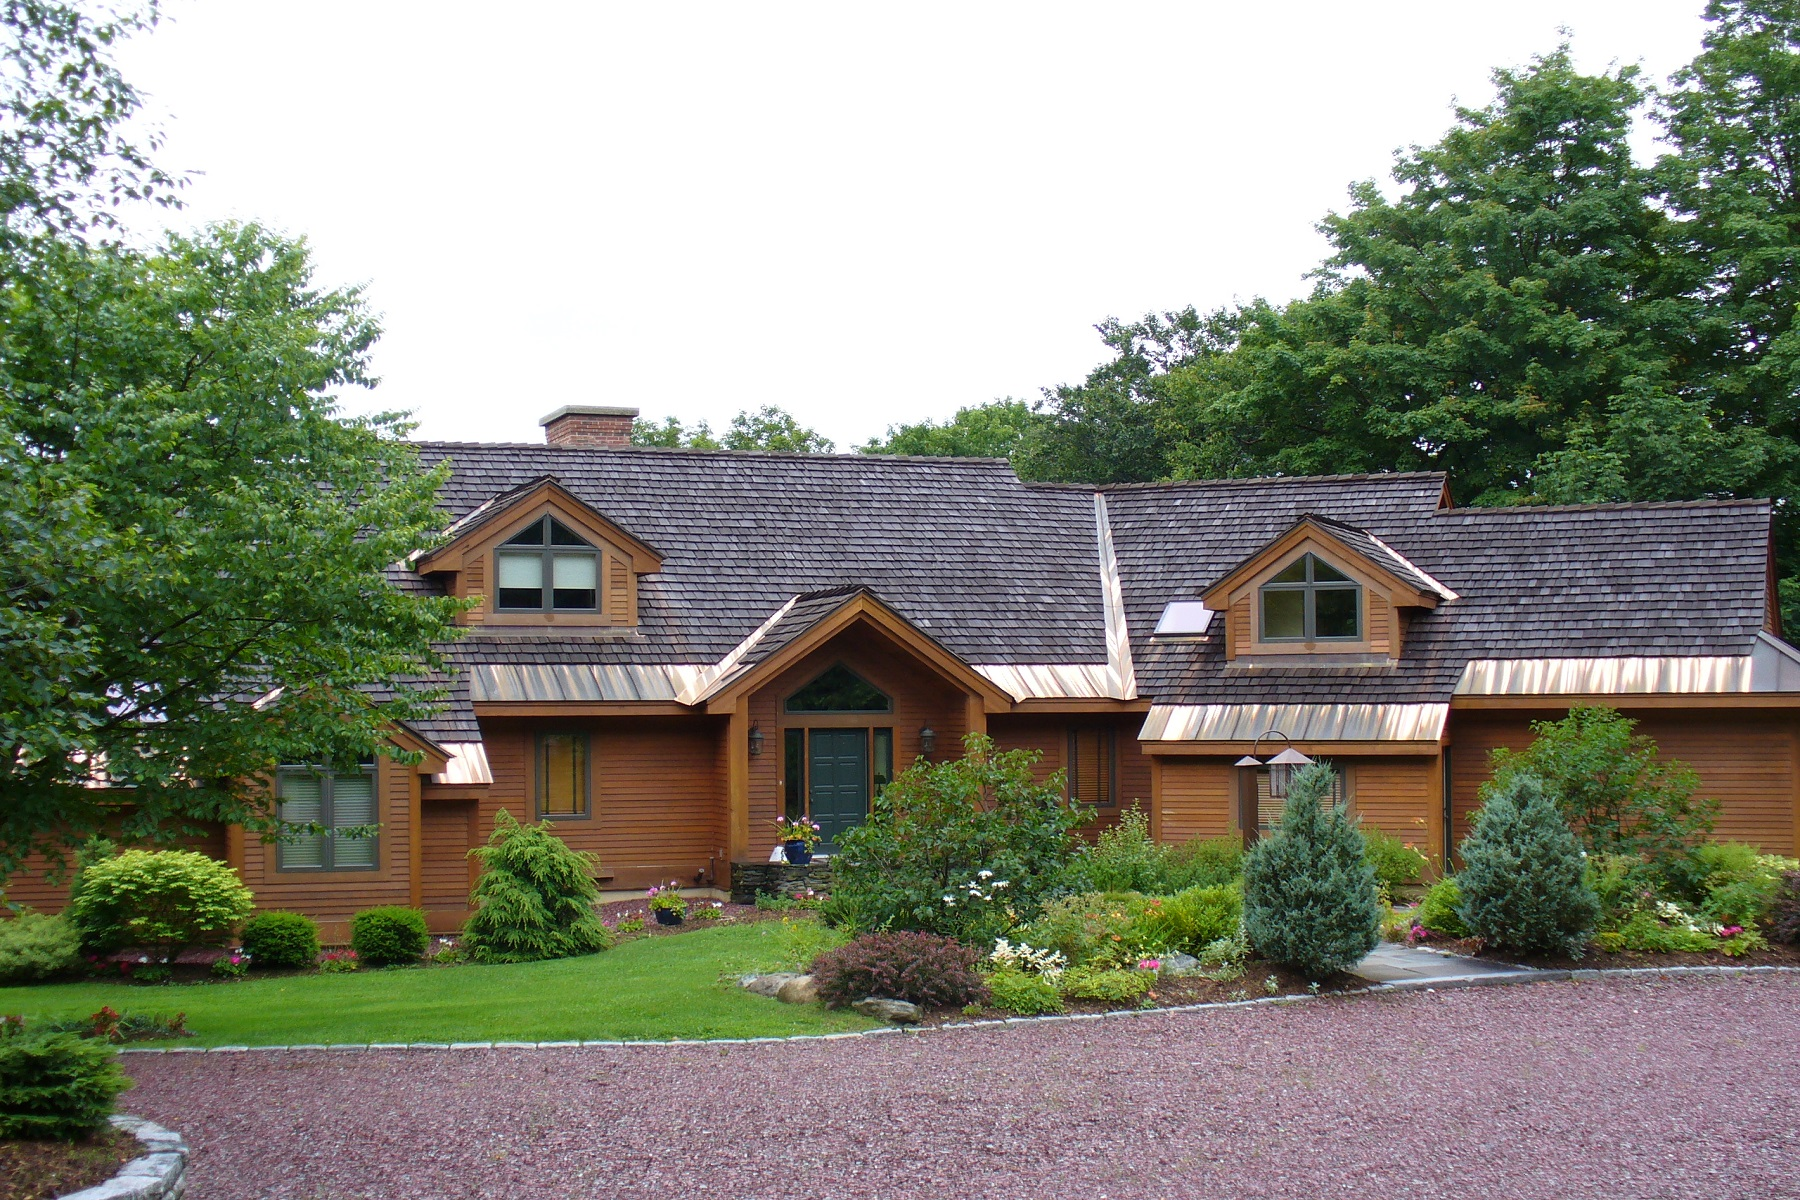 Einfamilienhaus für Verkauf beim High Ridge Estate 343 High Ridge Rd Killington, Vermont, 05751 Vereinigte Staaten